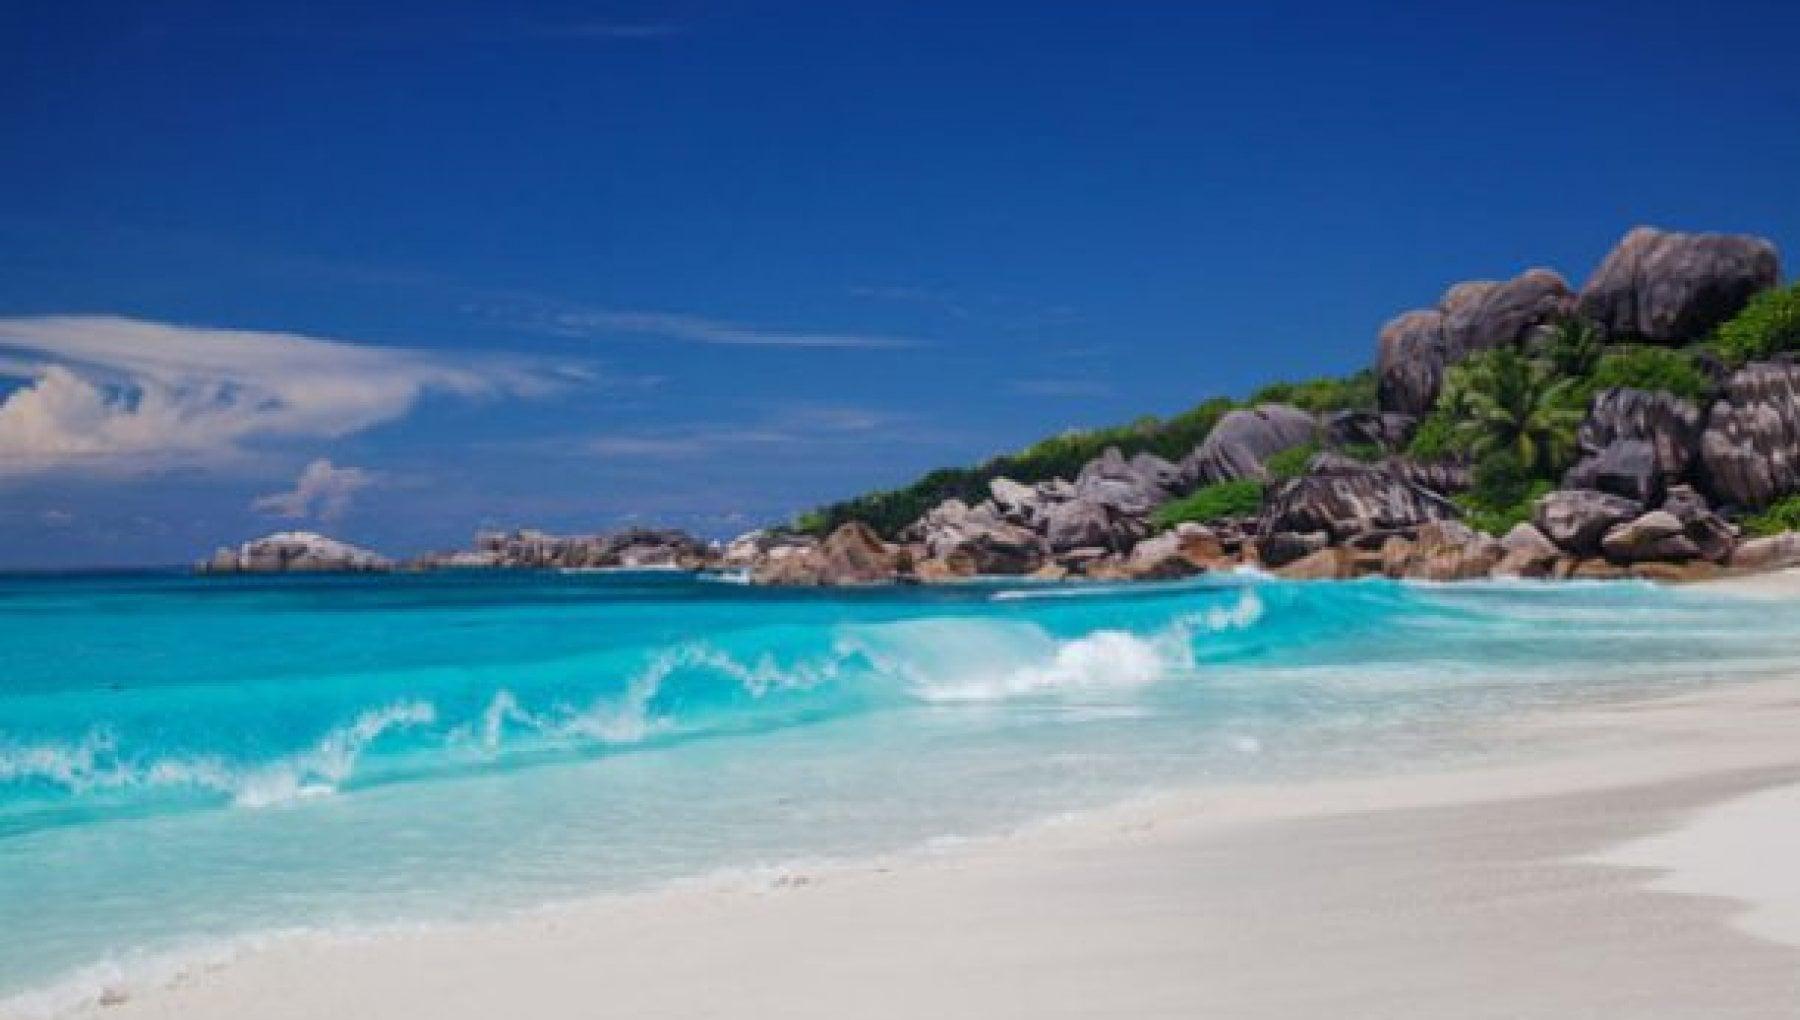 091224010 334919a4 4ca3 4c00 8cb4 9b5d1979d740 - Seychelles, un inglese dà la caccia al tesoro dei pirati più grande di sempre